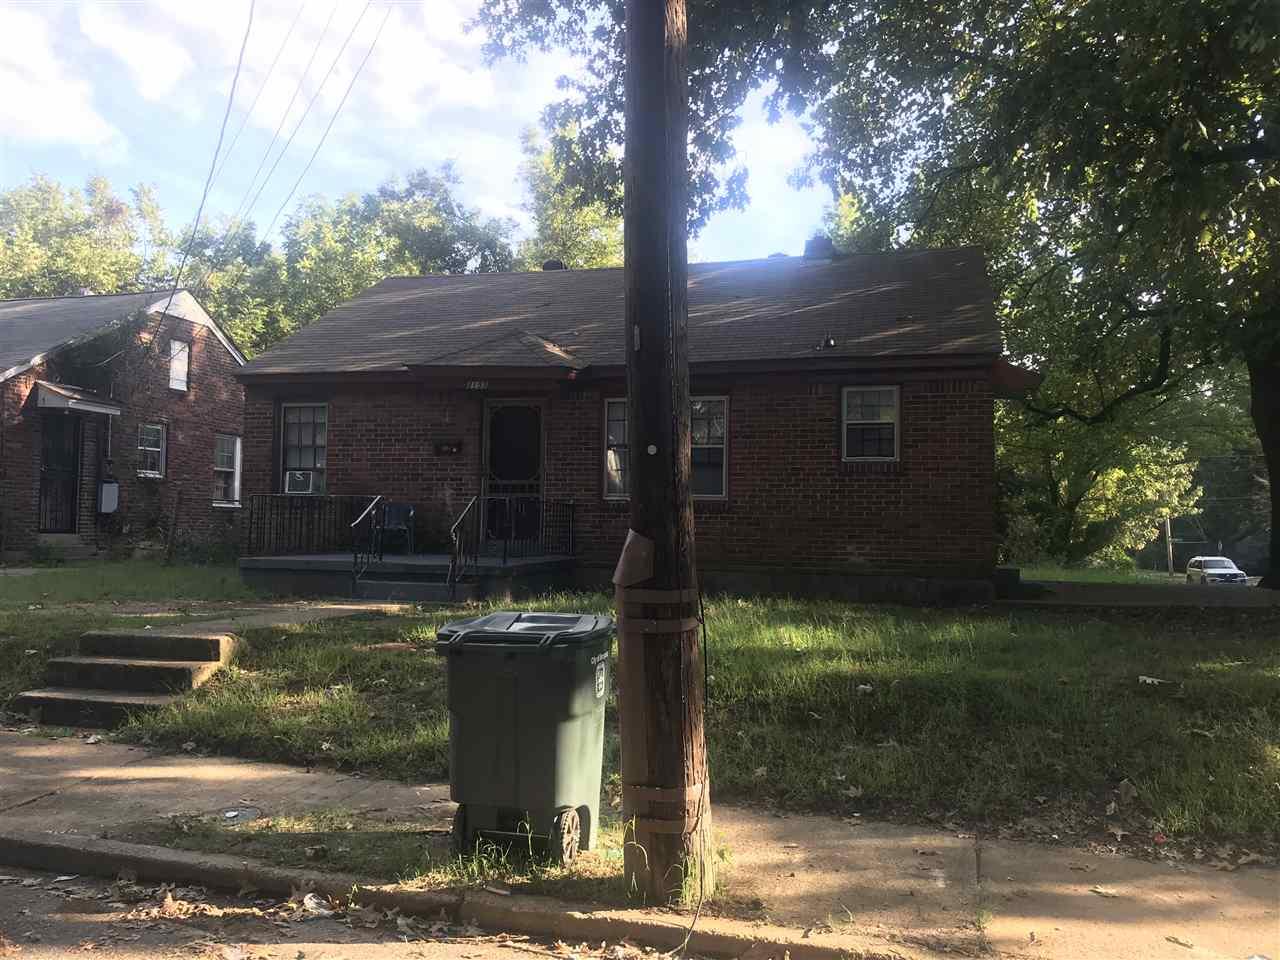 3155 Given, Memphis, TN 38112